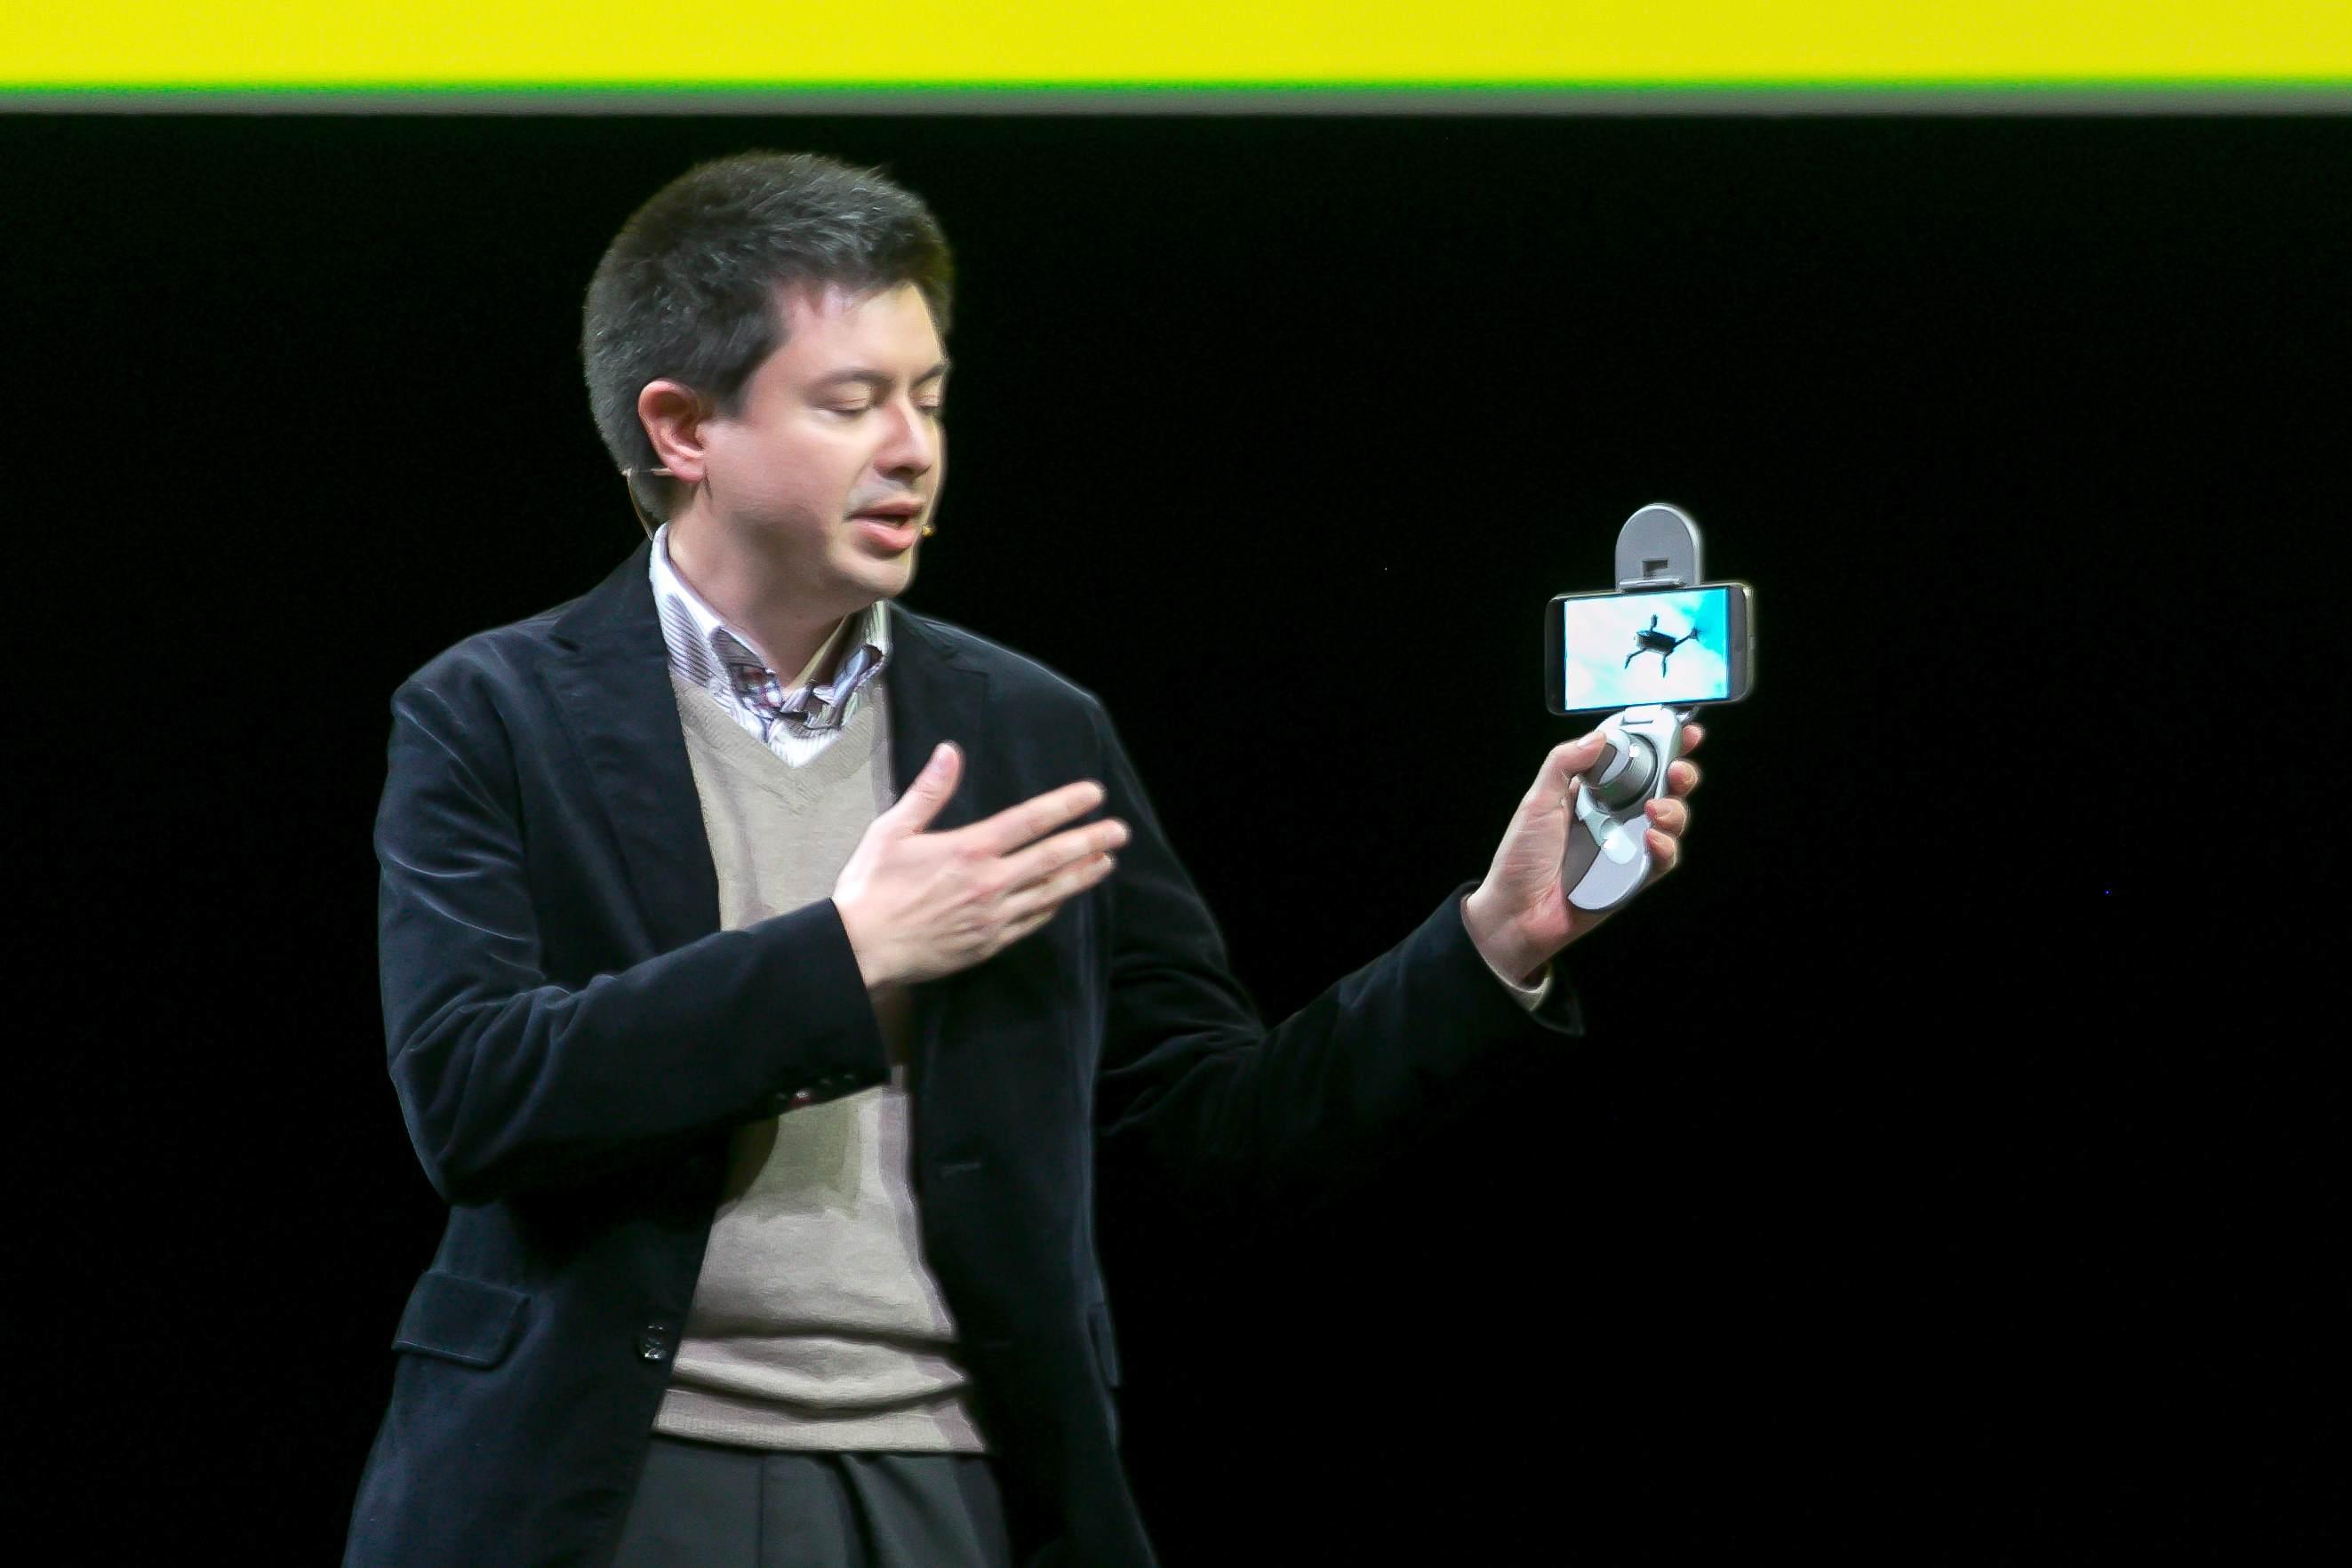 Asi najzaujímavejší modul predstavil CMO firmy Parrot, Nicolas Halfermeyer. Ten umožní aj úplným začiatočníkom ovládať dron s LG G5 bez obavy z jeho poškodenia